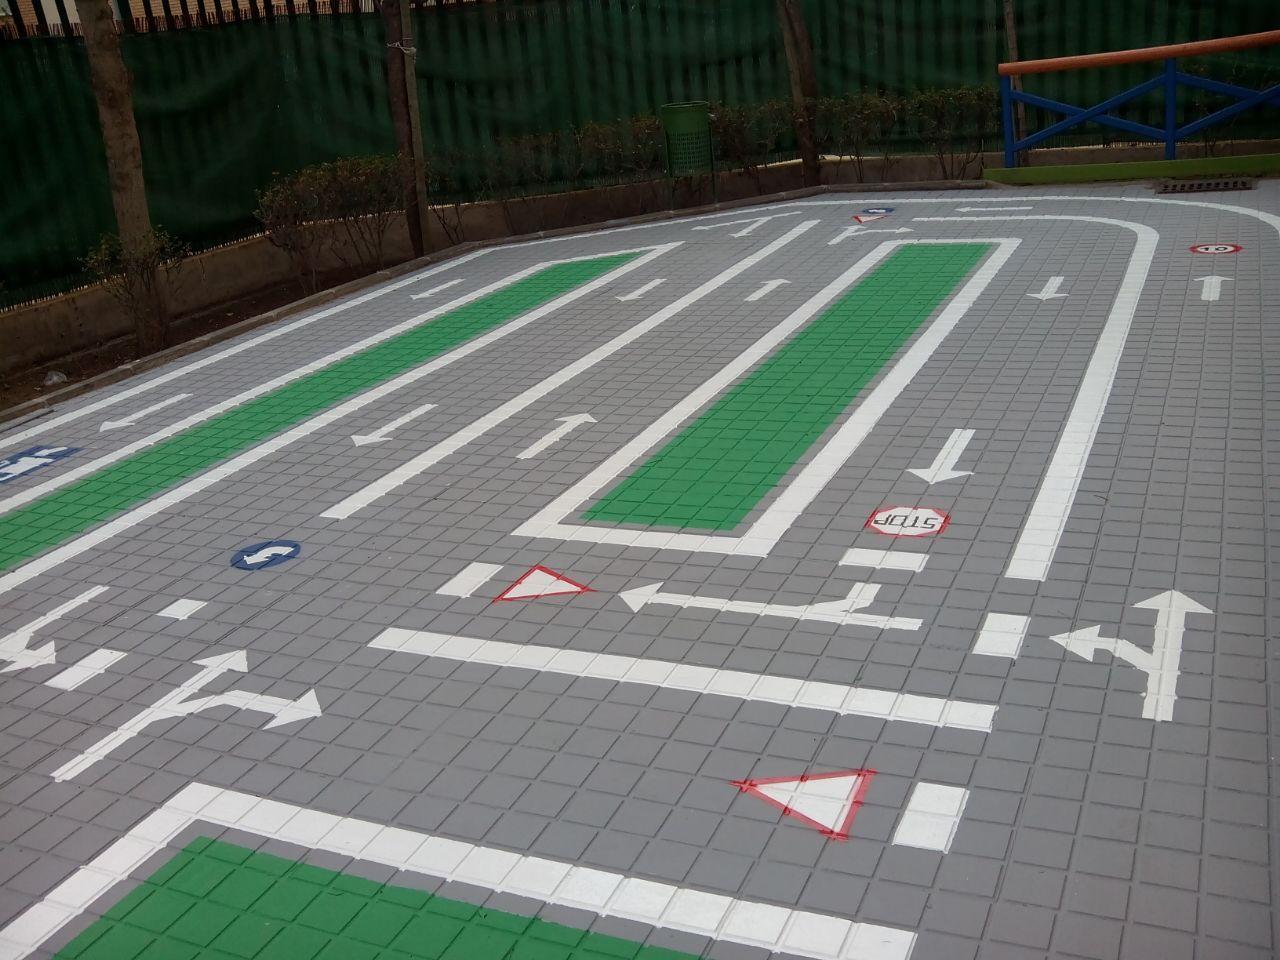 Circuito Vial : Circuito de educación vial nauni one